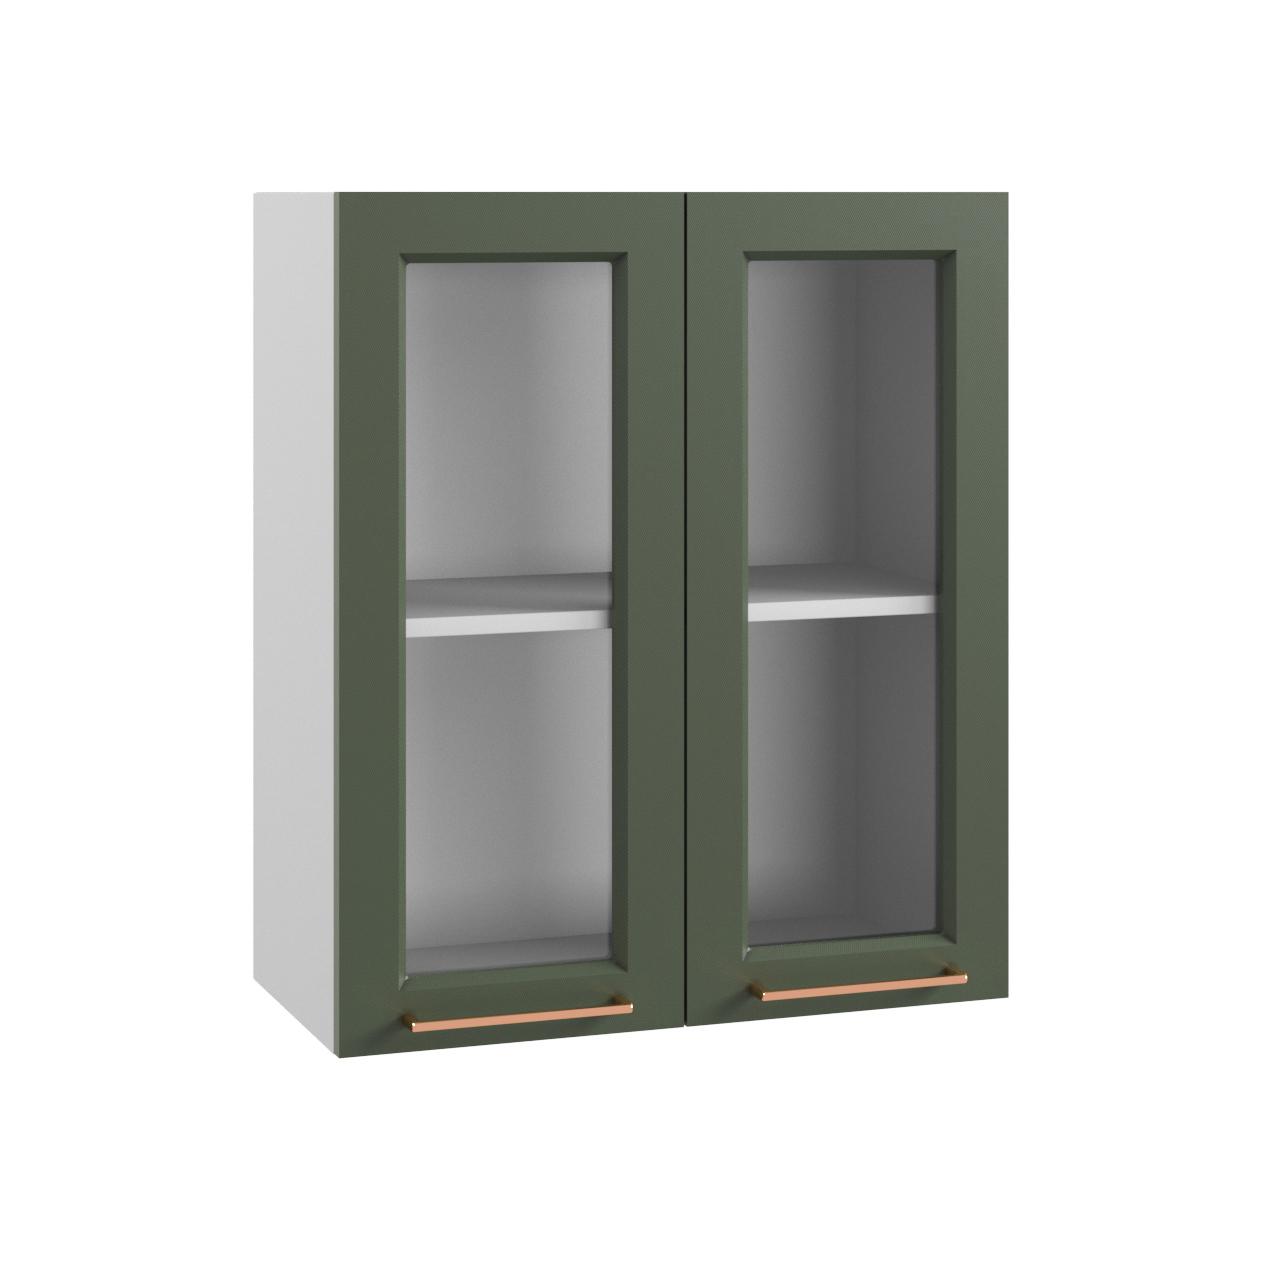 Кухня Квадро ПС 600 Шкаф верхний стекло